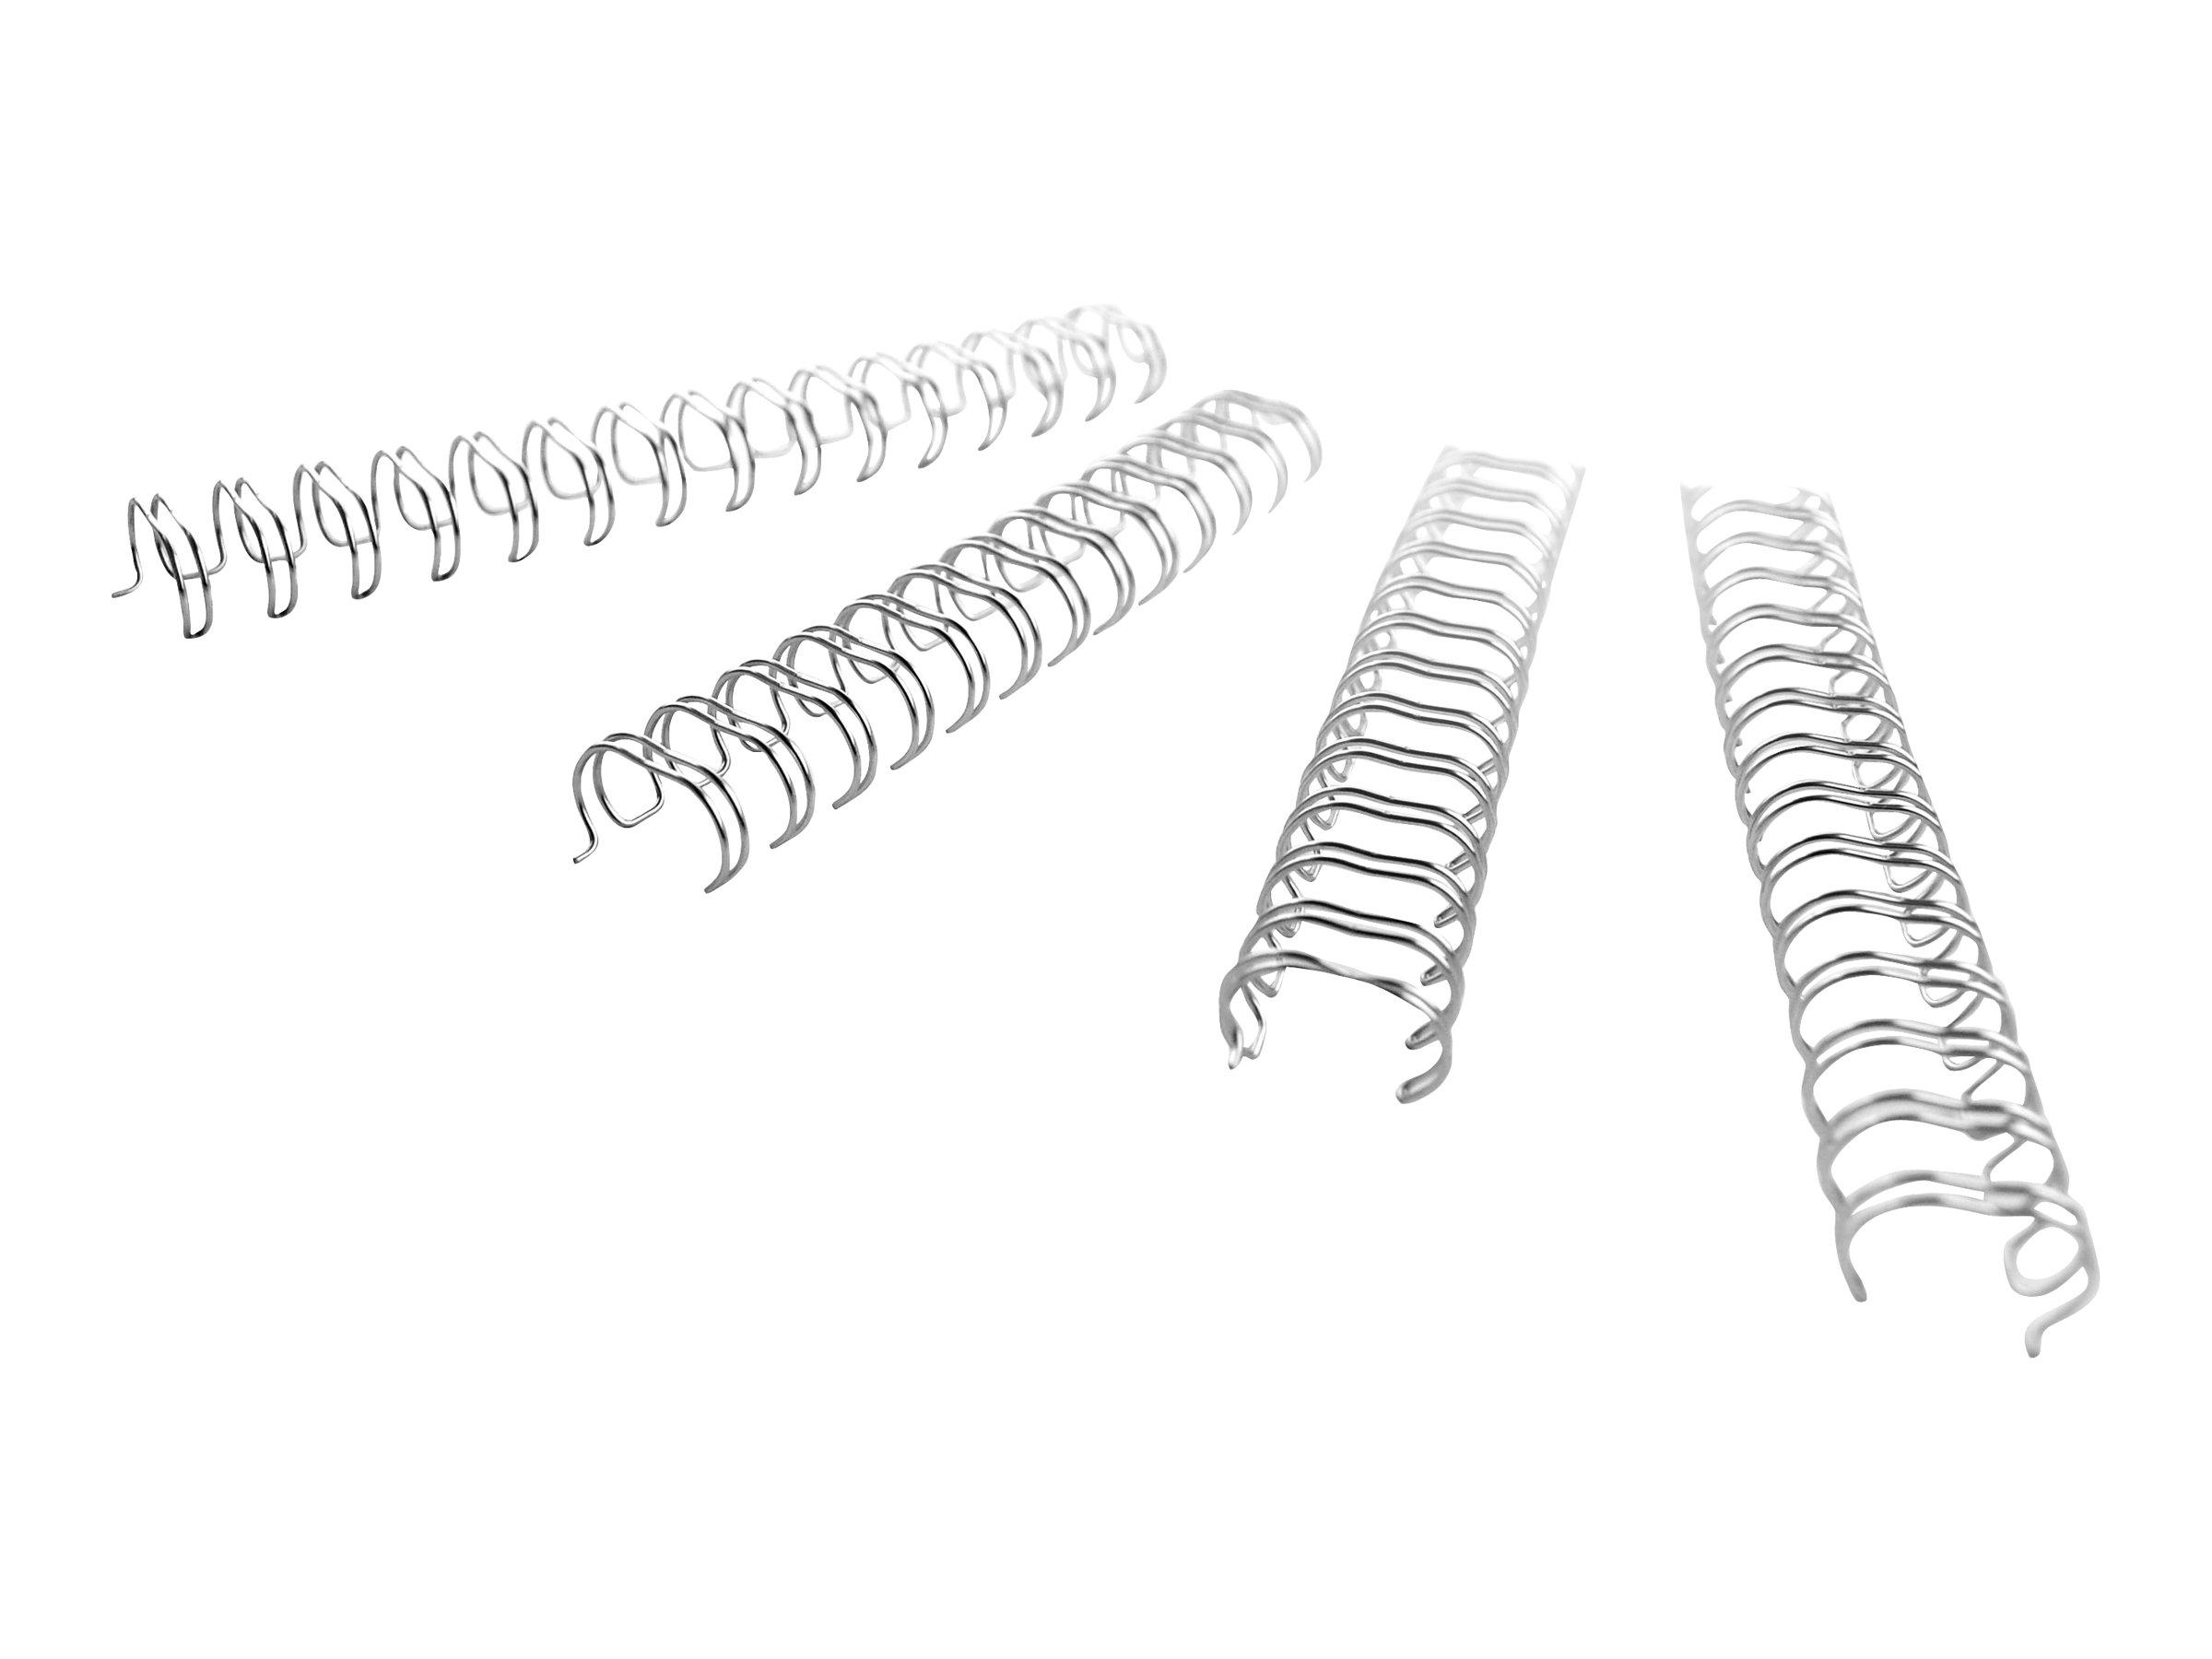 gbc wirebind 100 unit s spirale de reliure consommables de reliure. Black Bedroom Furniture Sets. Home Design Ideas